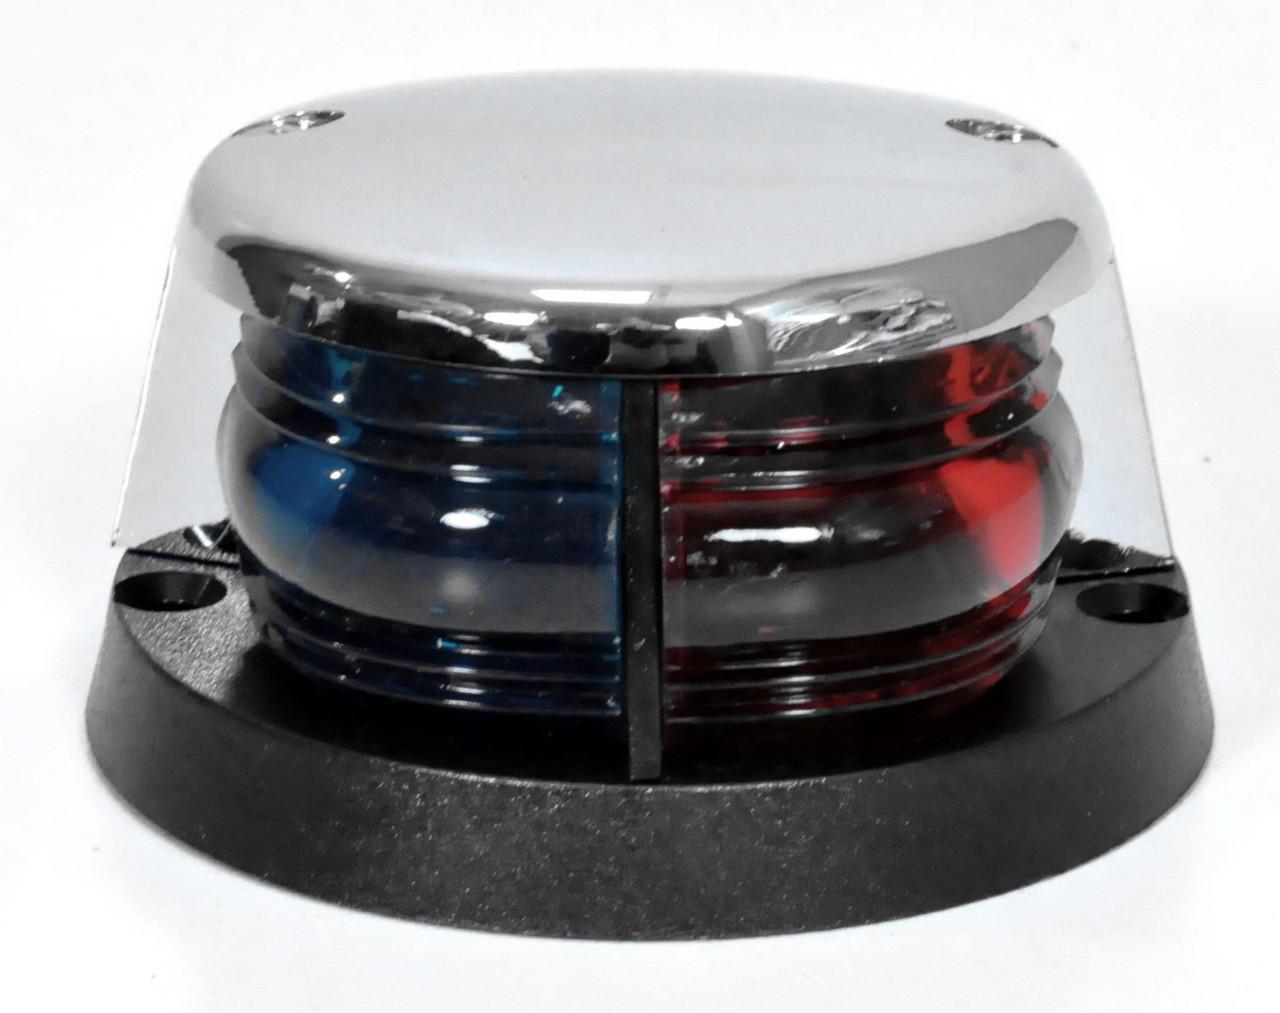 Навигационный огонь для лодки, катера, яхты LED красный-зеленый 00154-LD